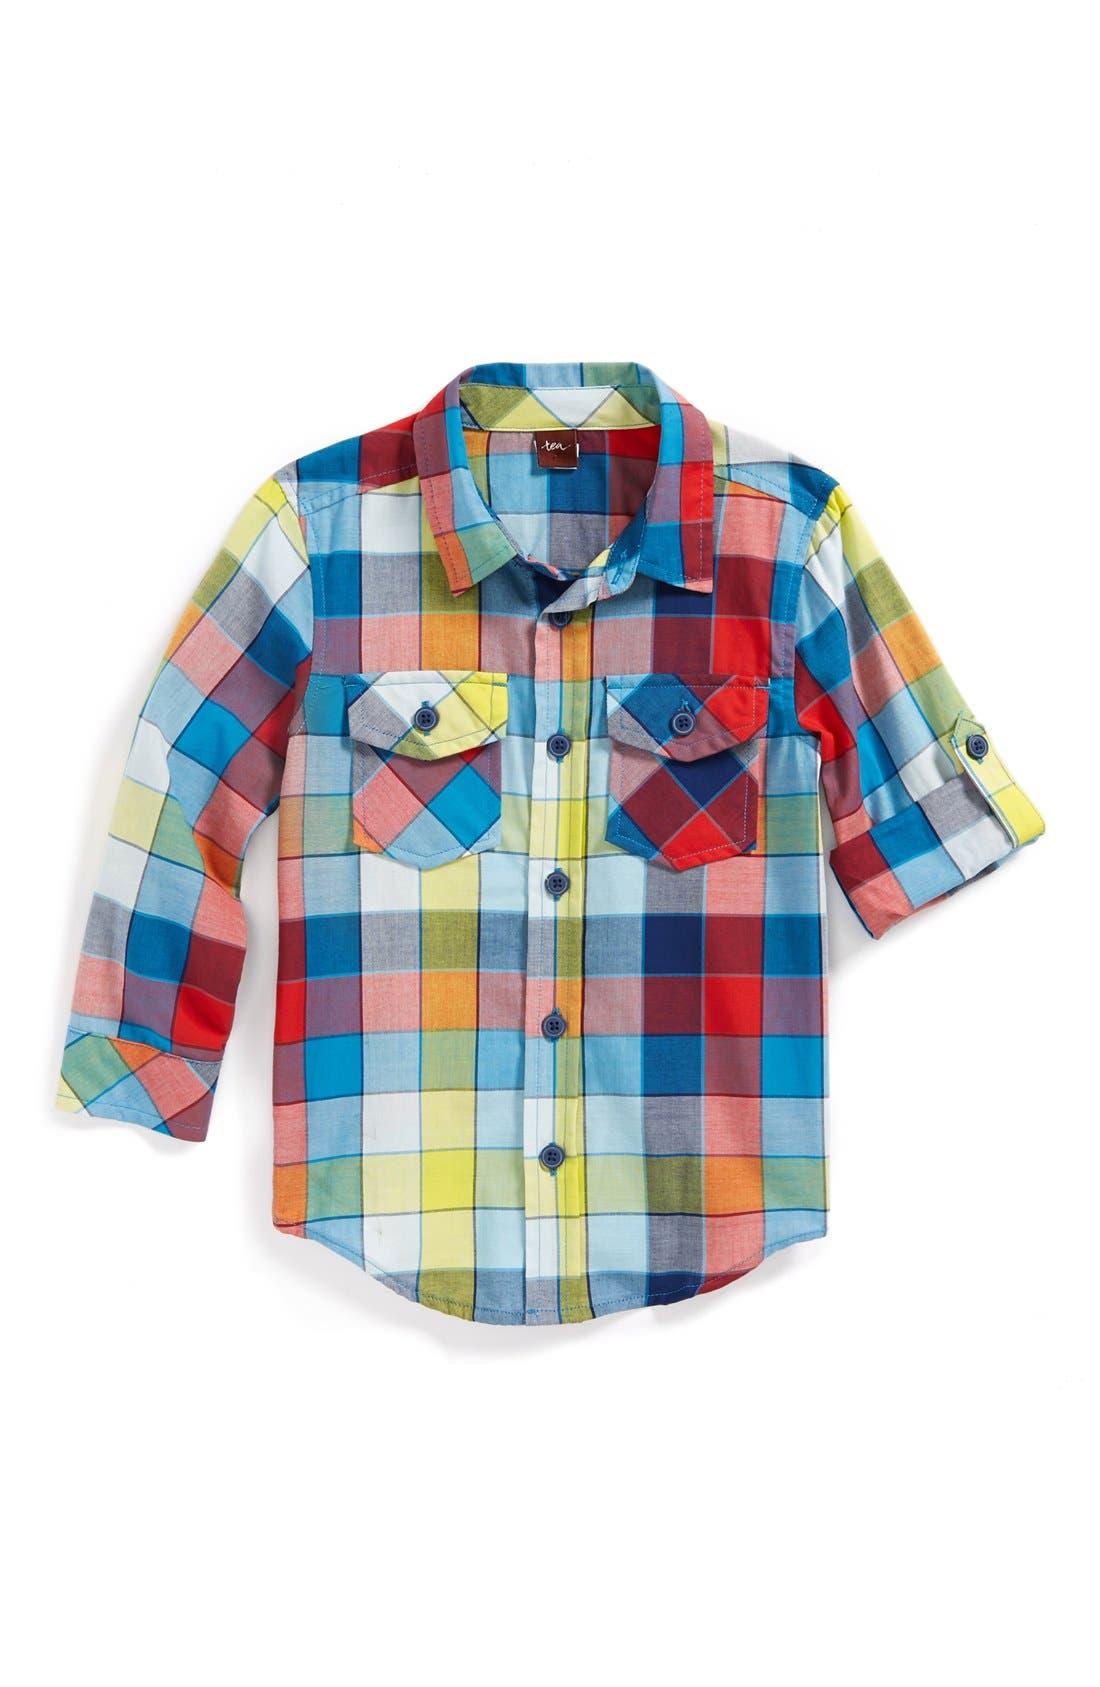 Main Image - Tea Collection 'Medina' Plaid Shirt (Toddler Boys)